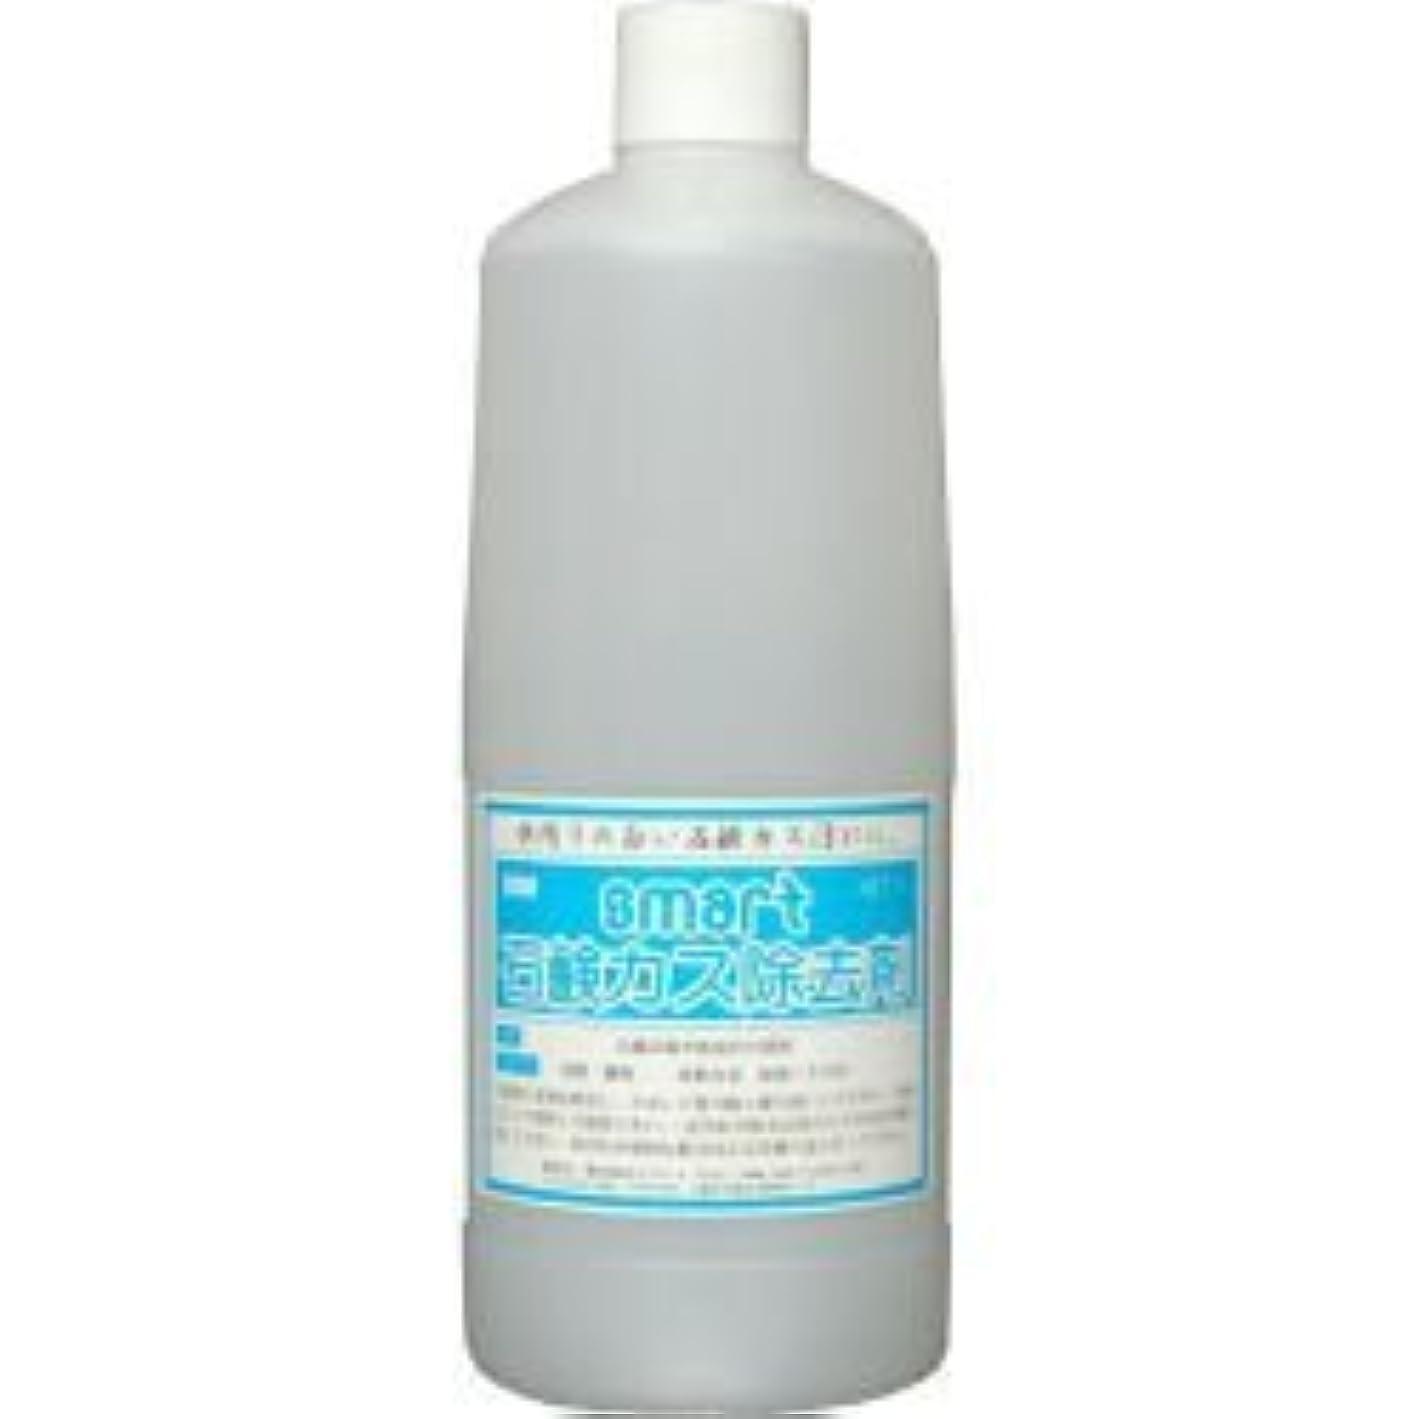 足心理的多くの危険がある状況スマート石鹸カス除去剤 1L